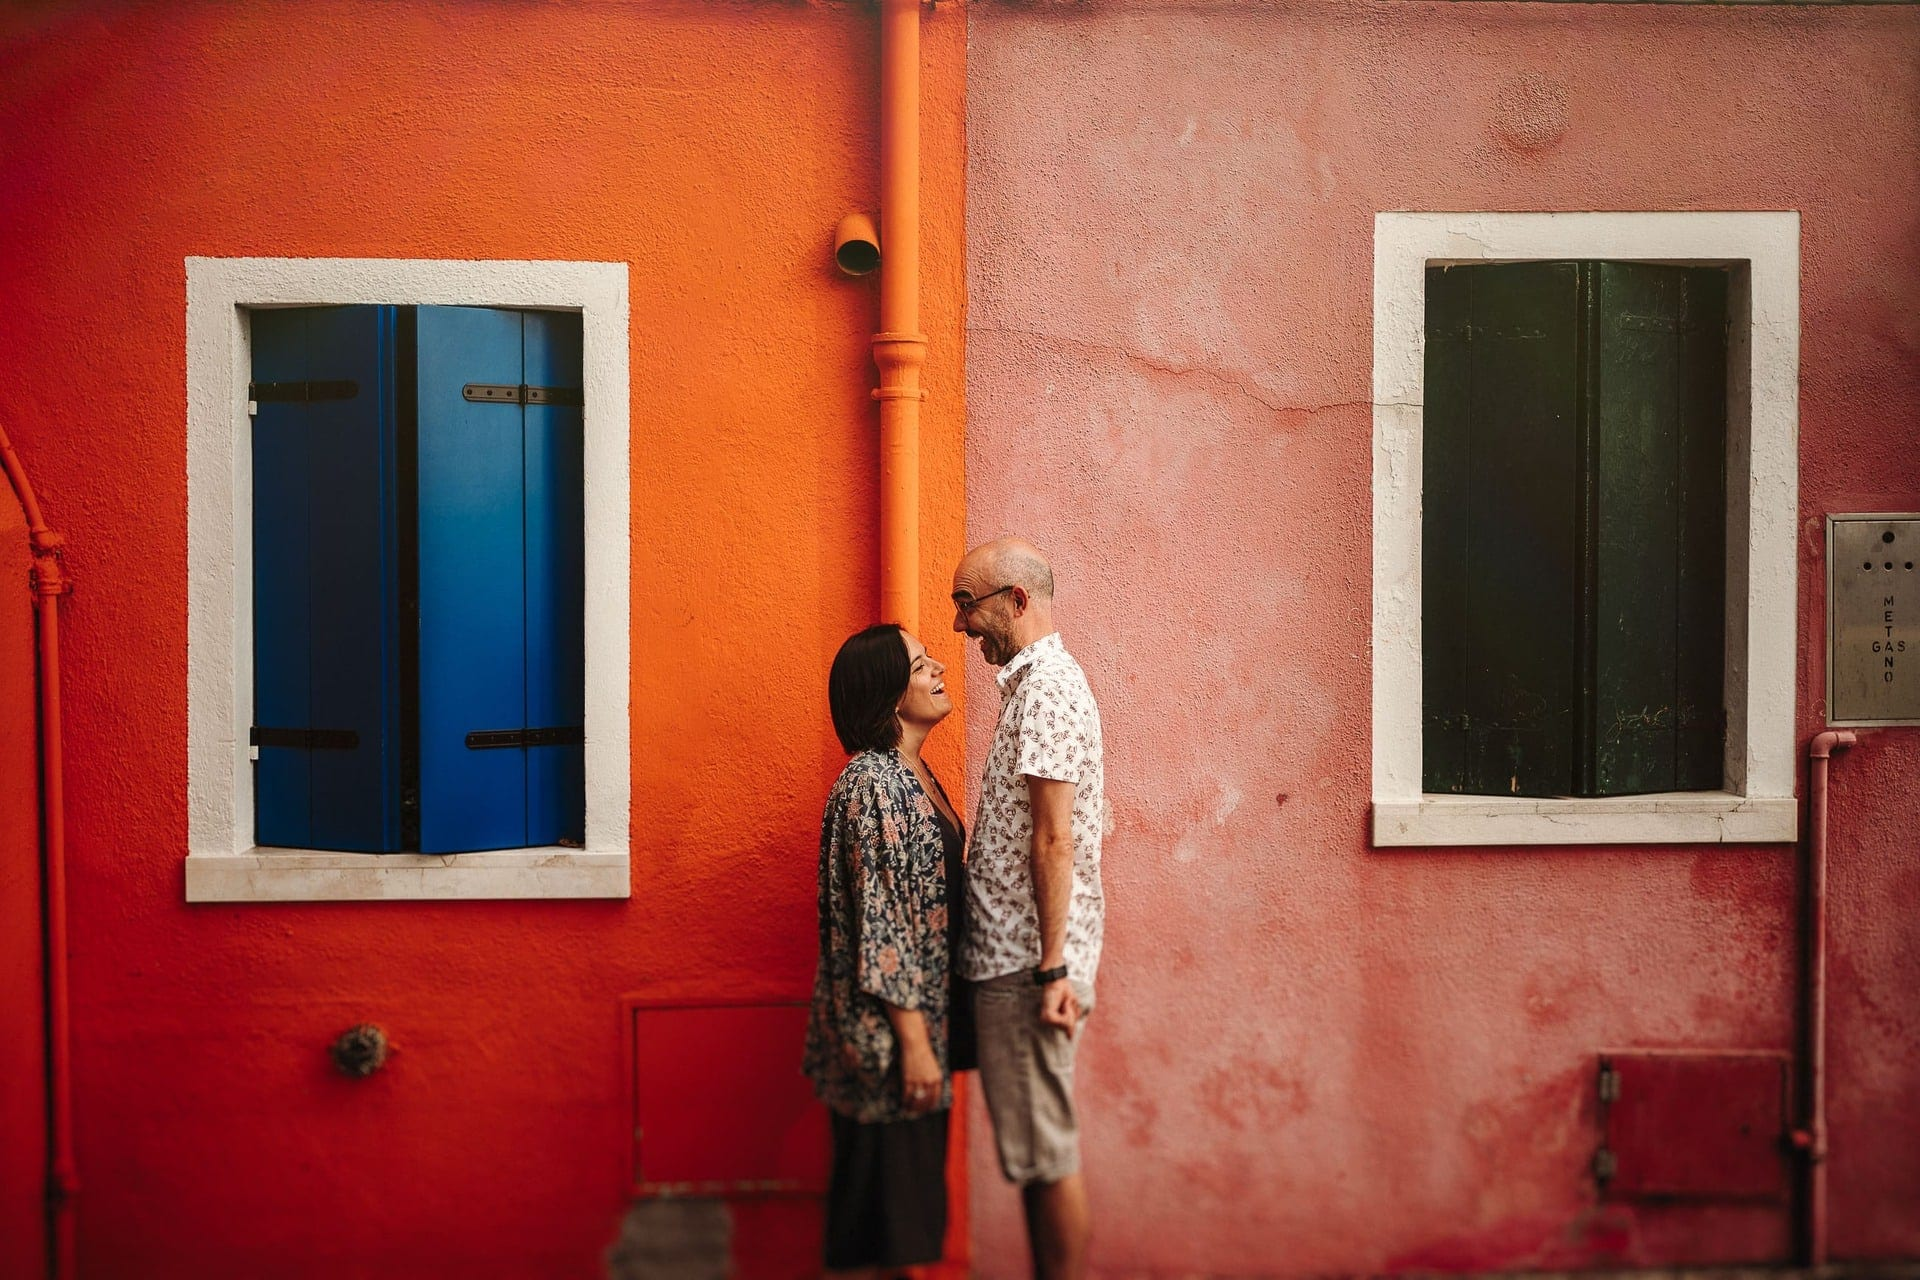 fotografo-bodas-galicia-venecia